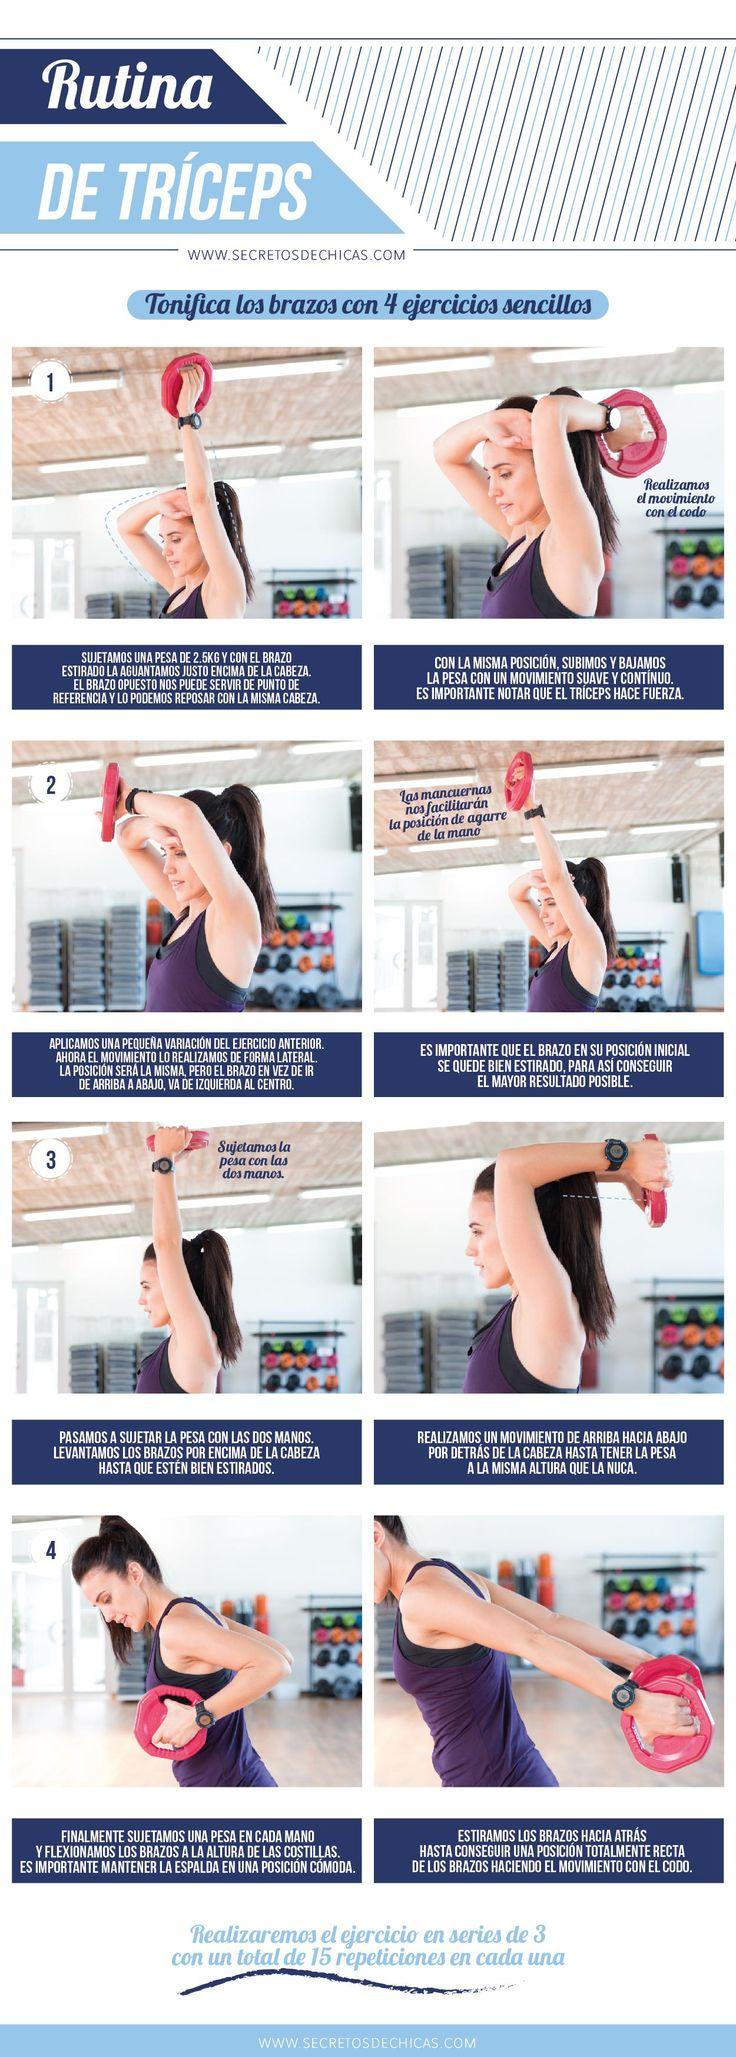 Rutina de ejercicio para tríceps